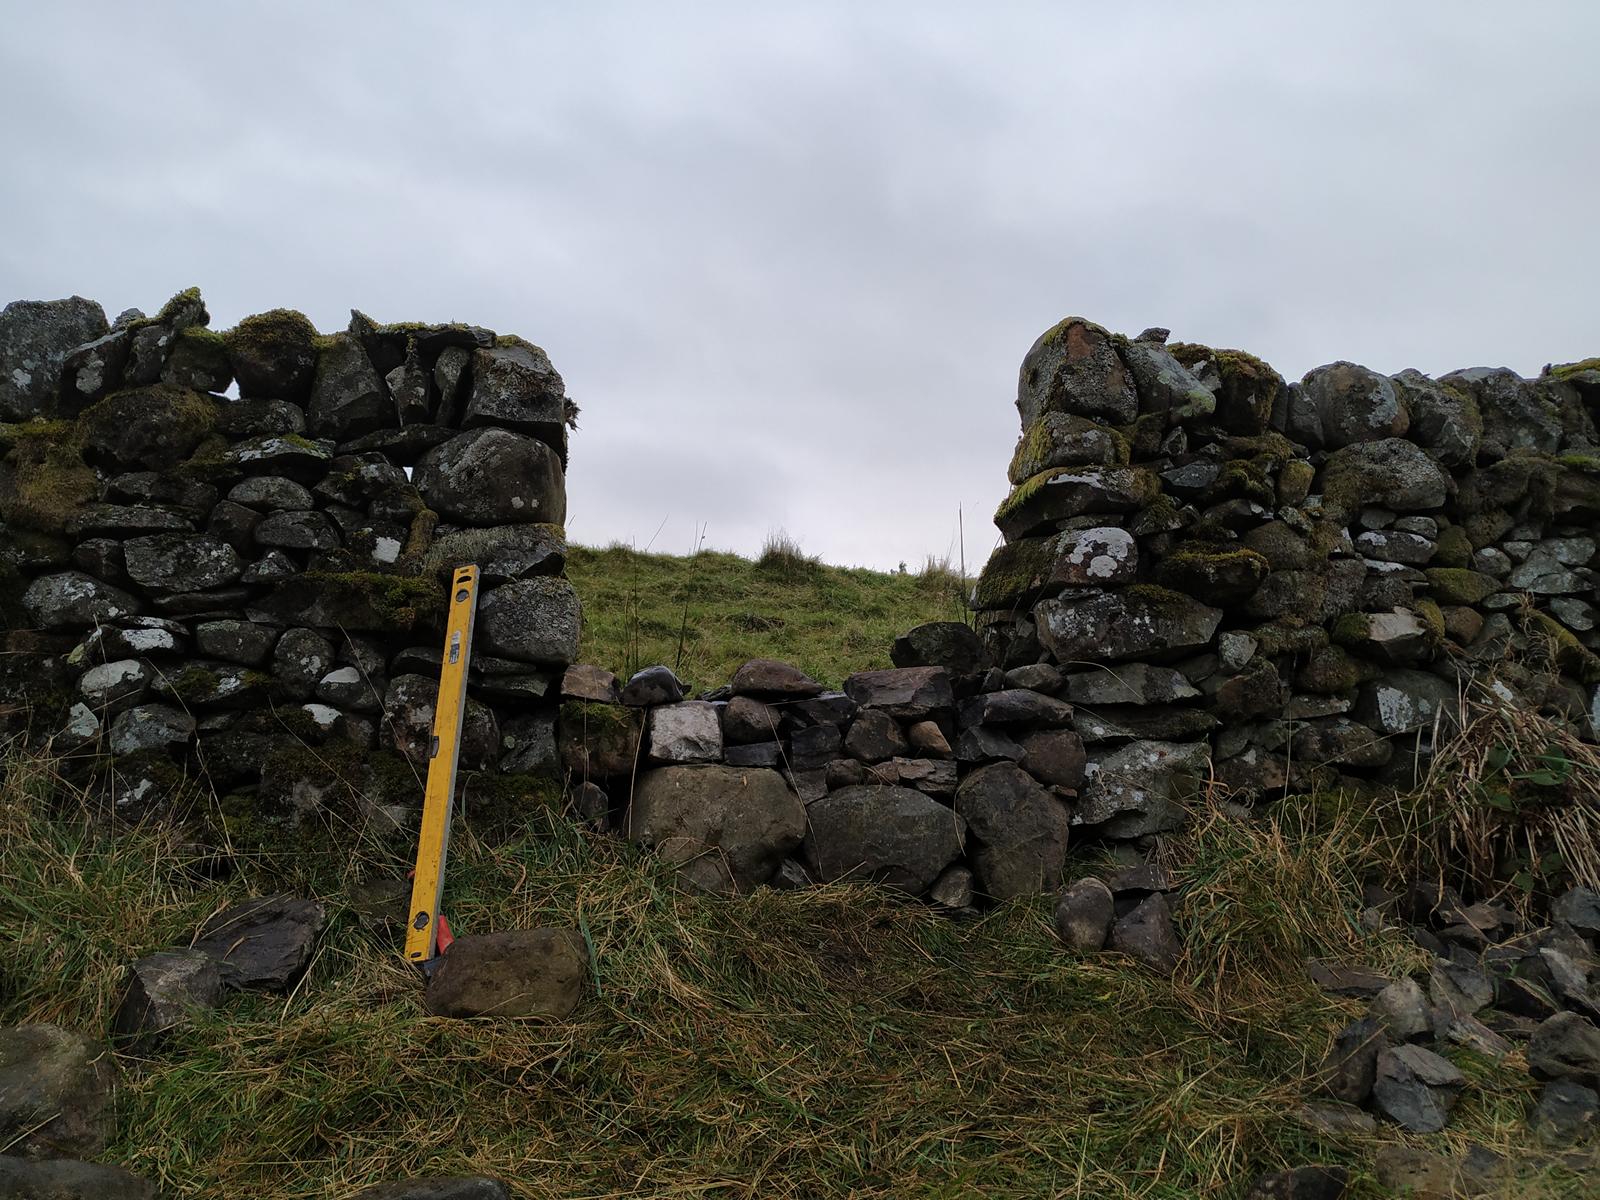 stone dyke gap half filled